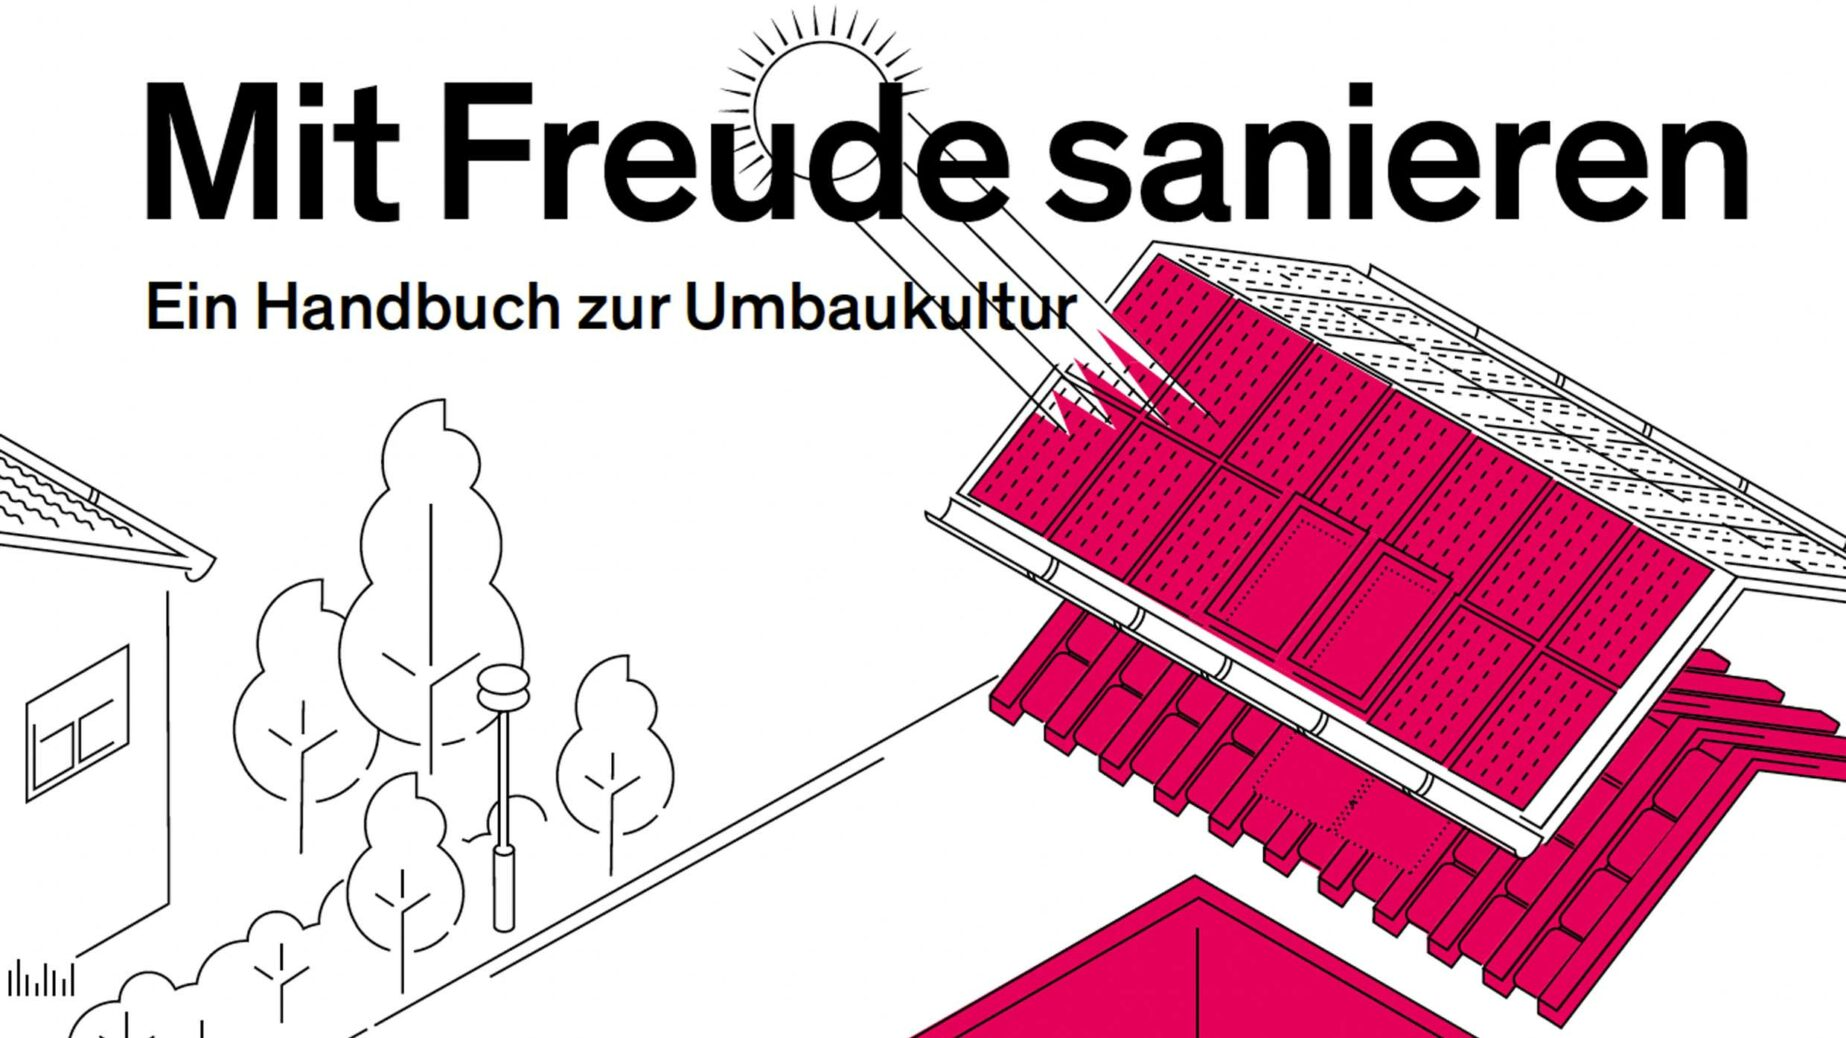 Mit Freude sanieren, Ein Handbuch zur Umbaukultur